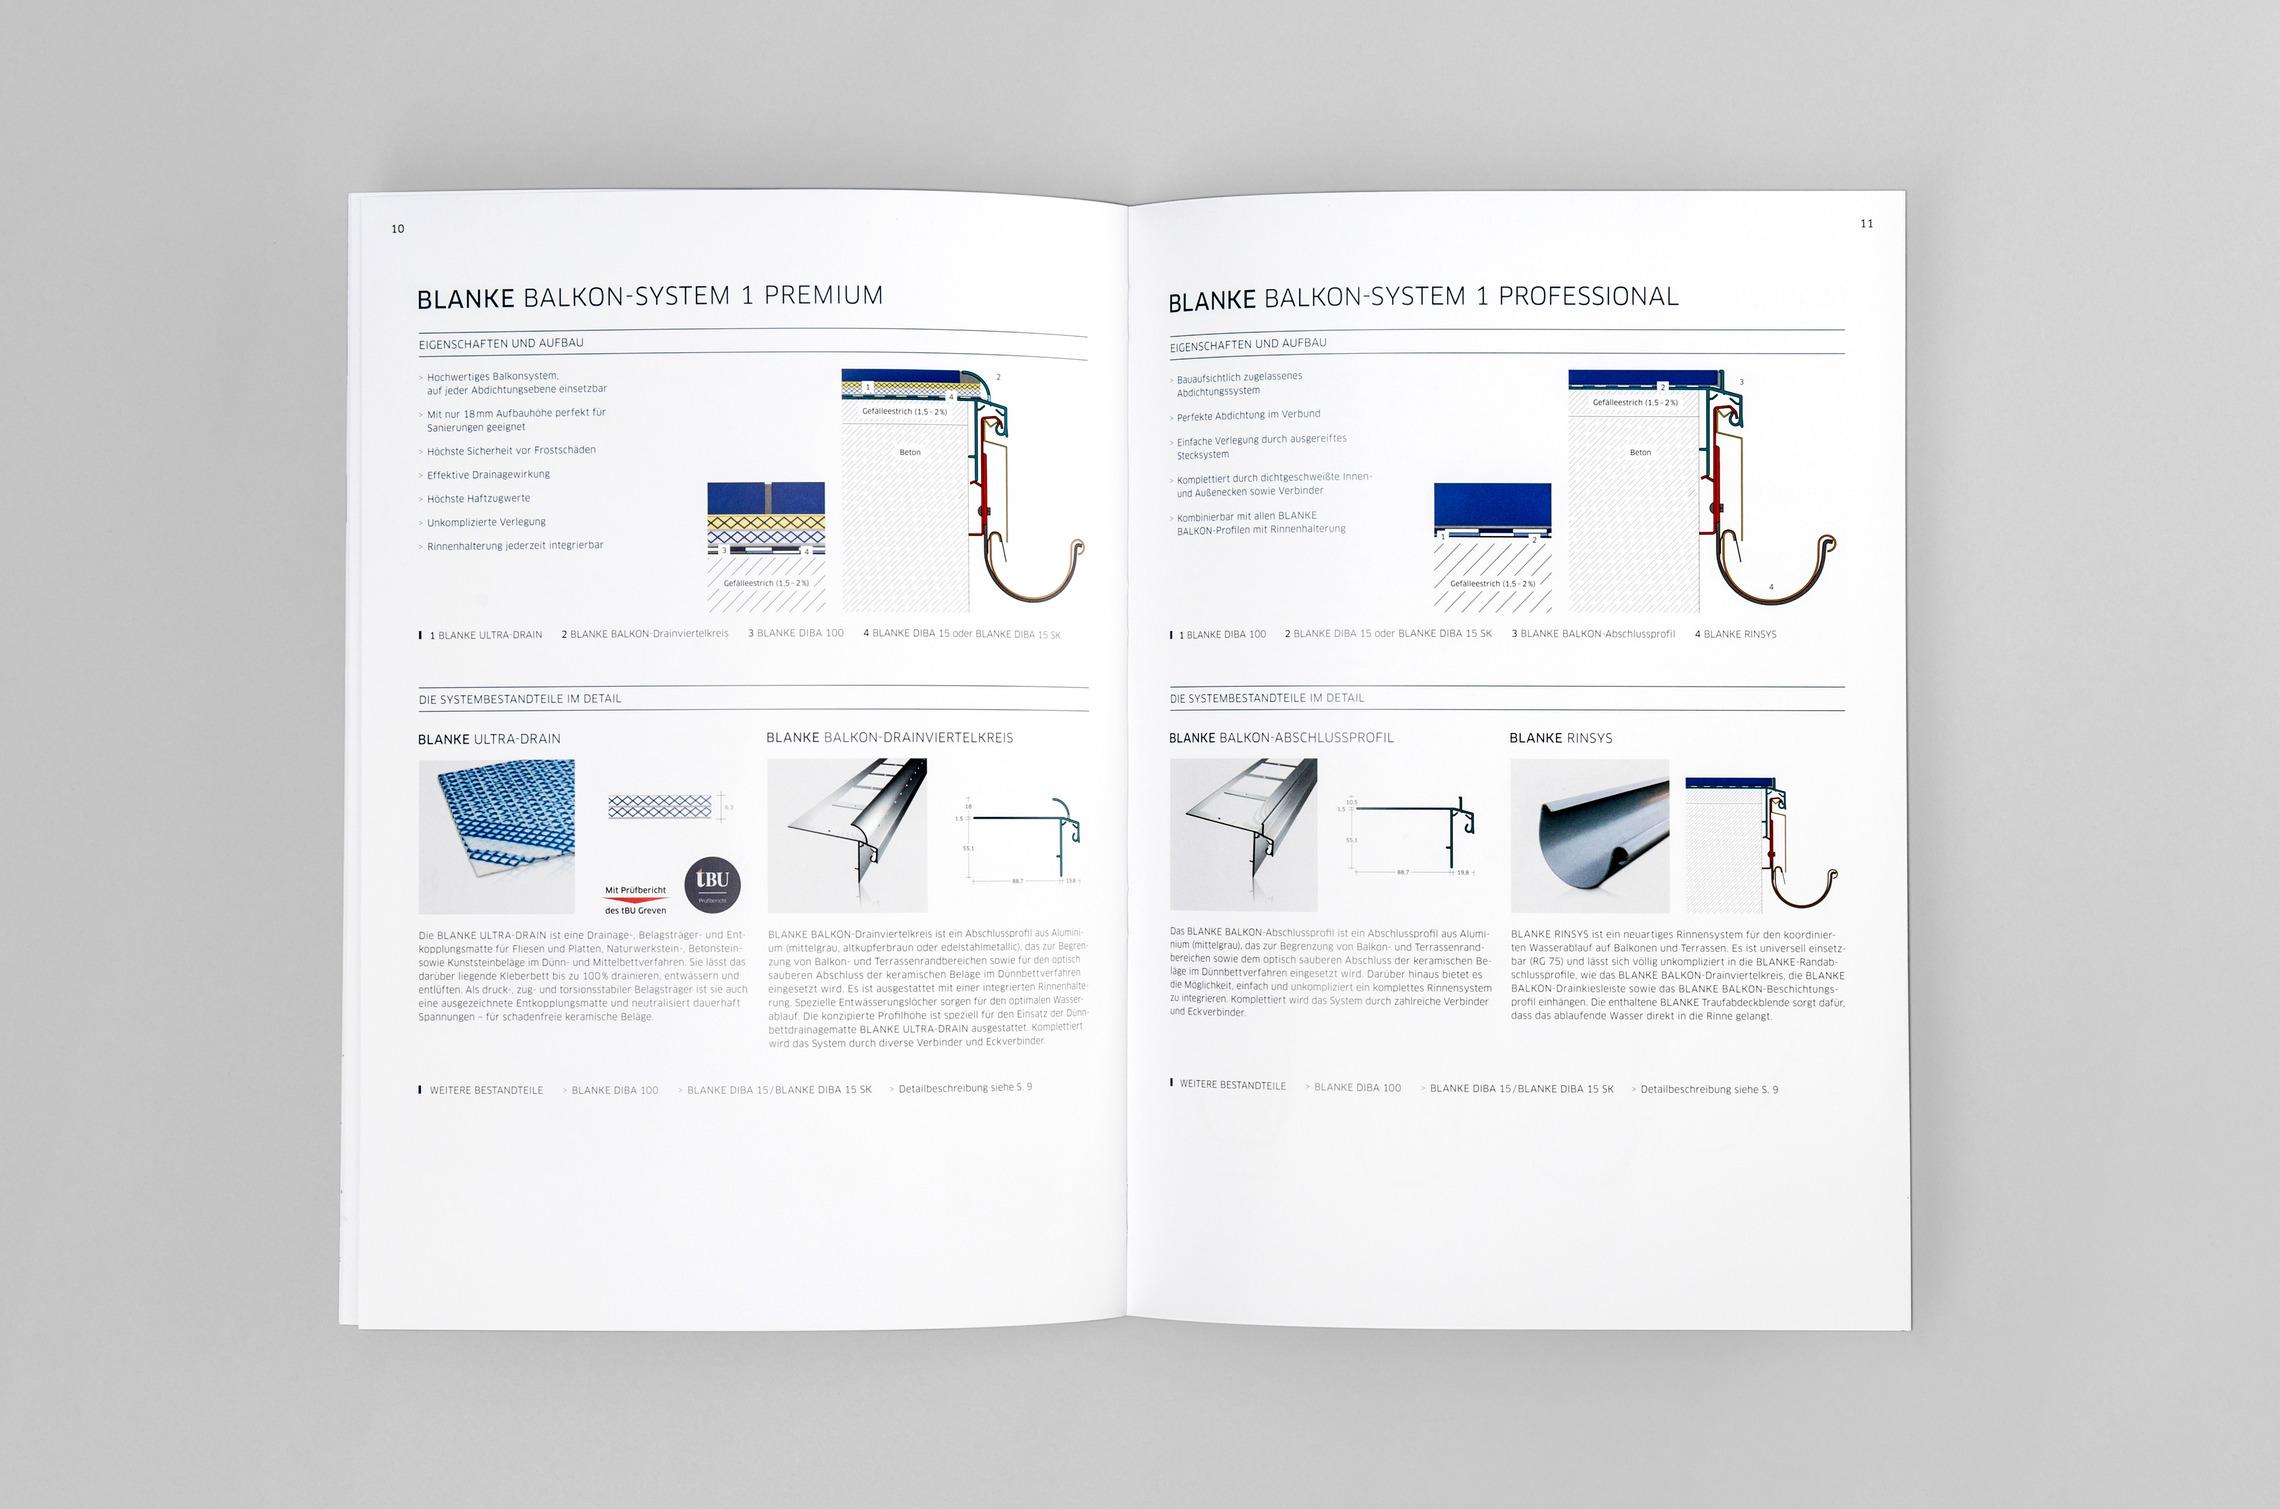 Die Blanke Produkte werden im Folder ästhetisch schlicht und übersichtlich präsentiert.